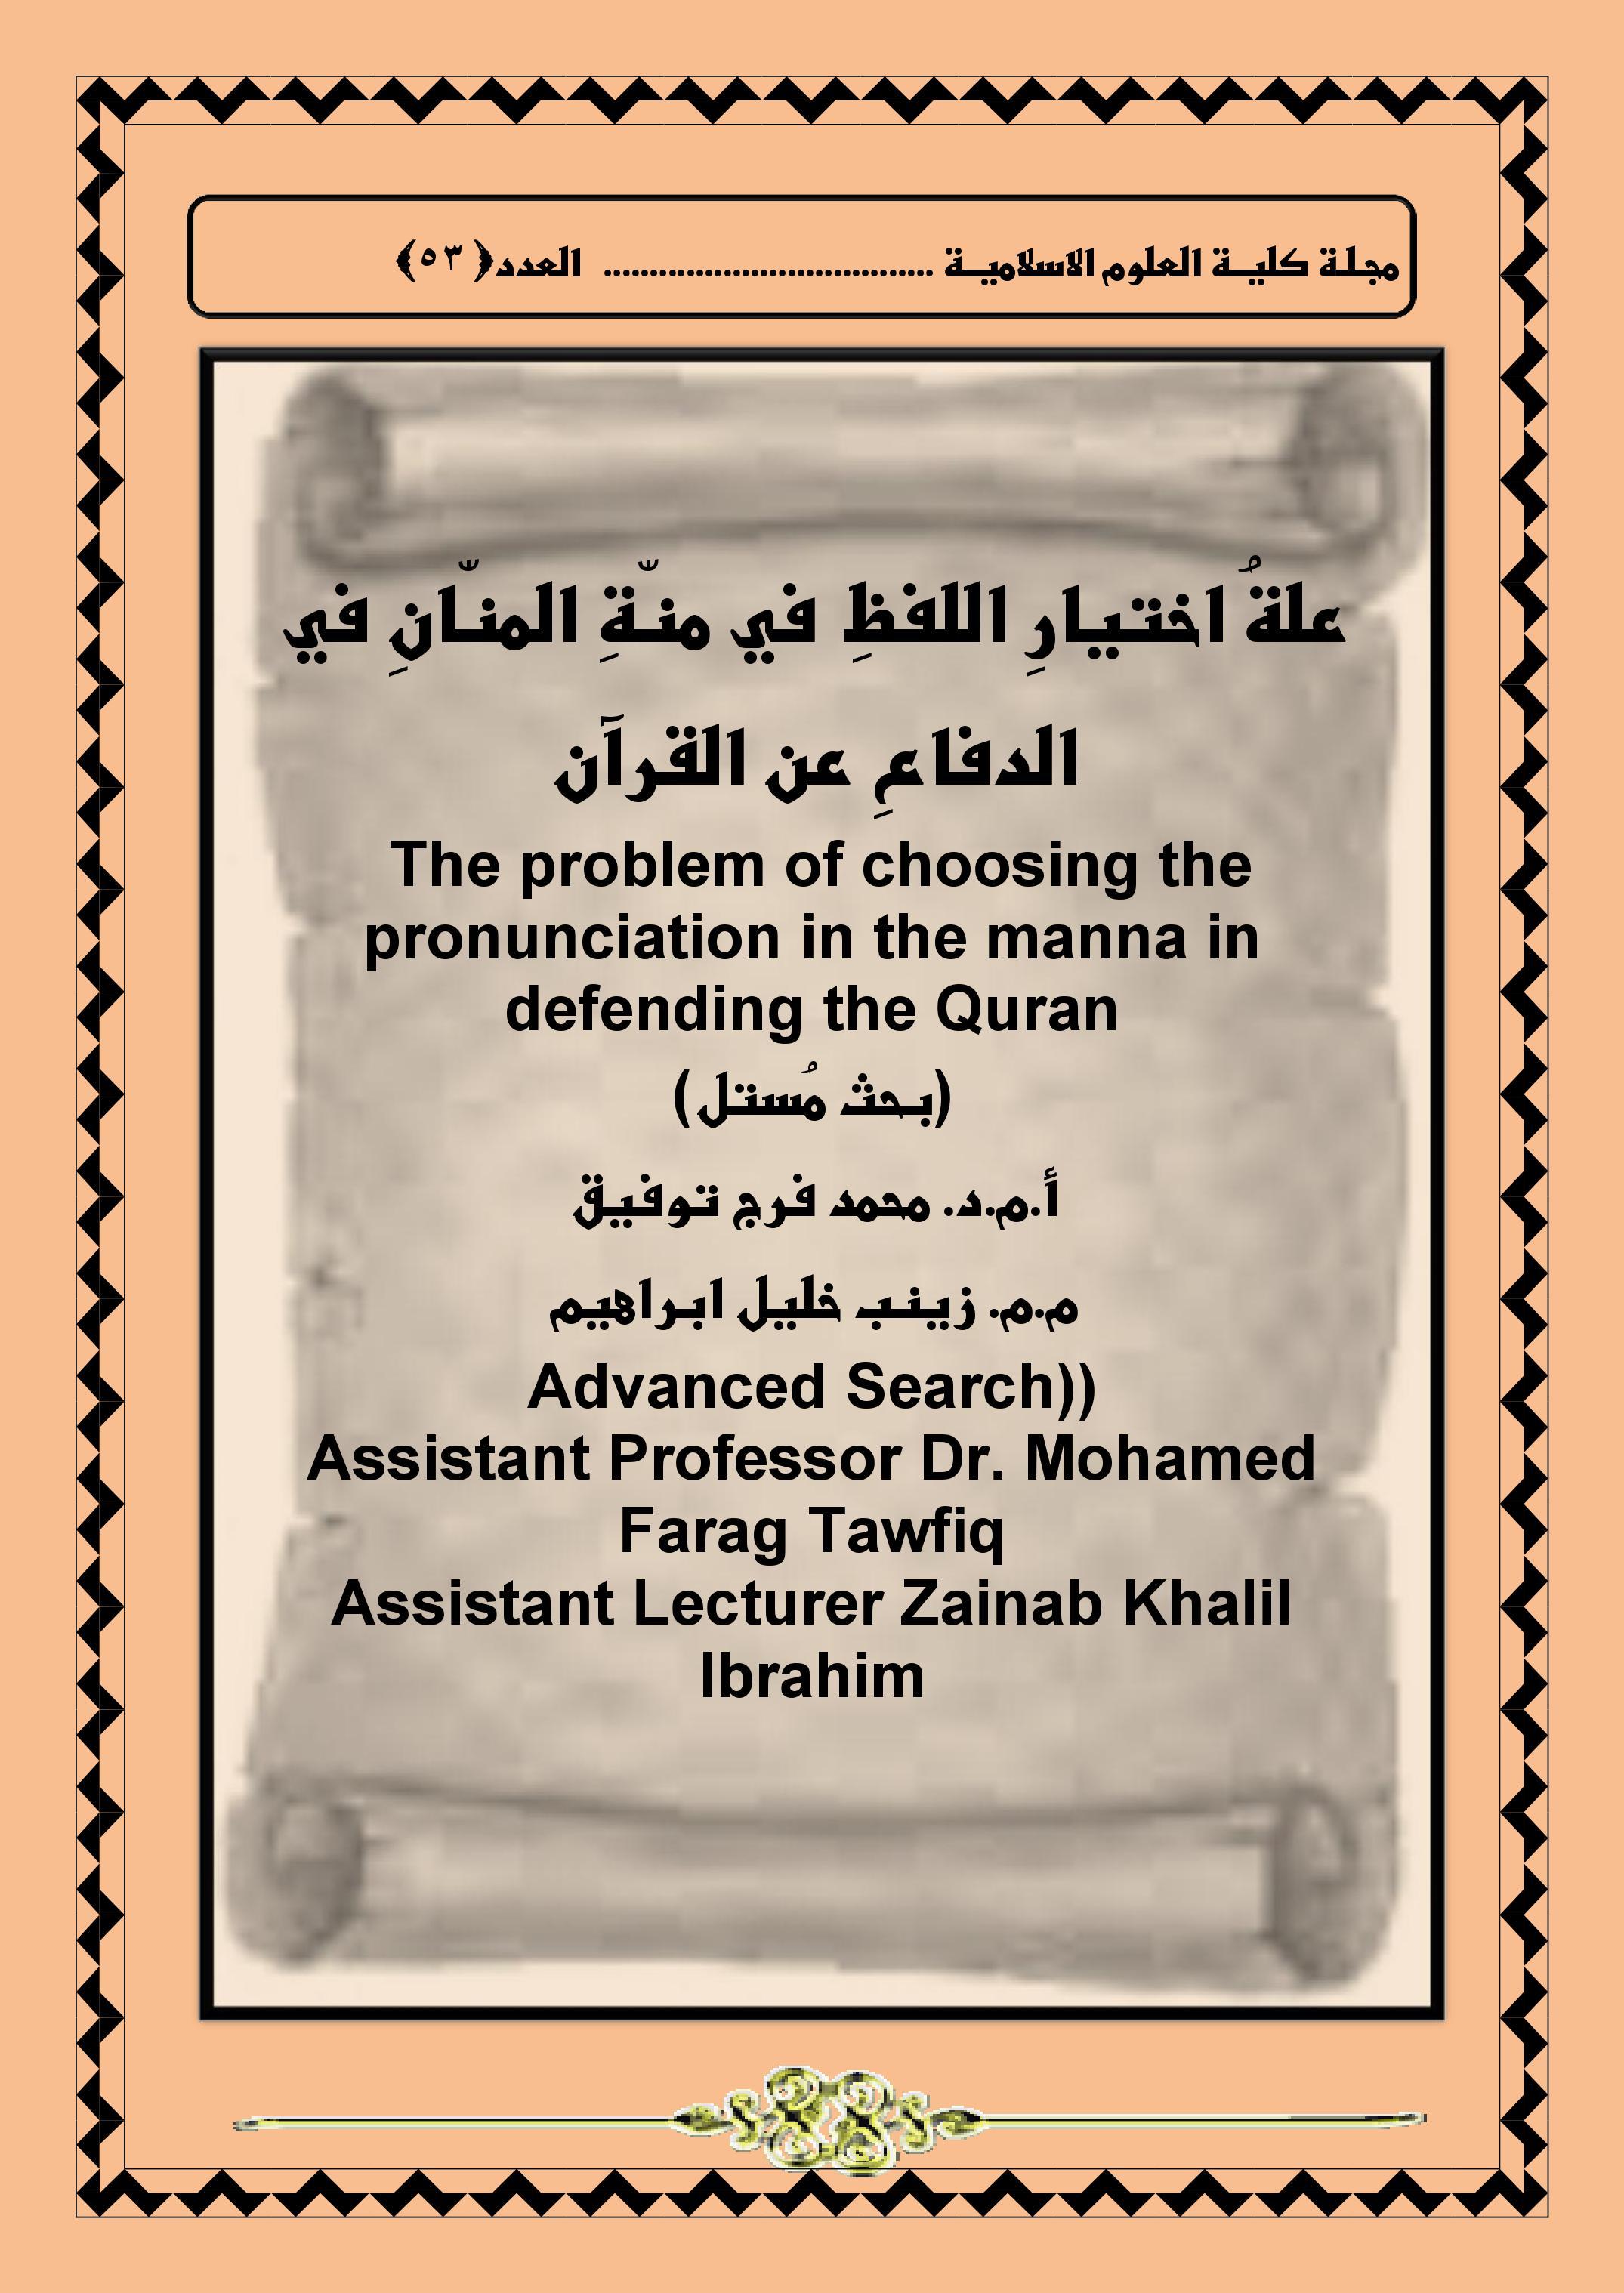 علةُ اختيارِ اللفظِ  في منّةِ المنّانِ في الدفاعِ عن القرآن